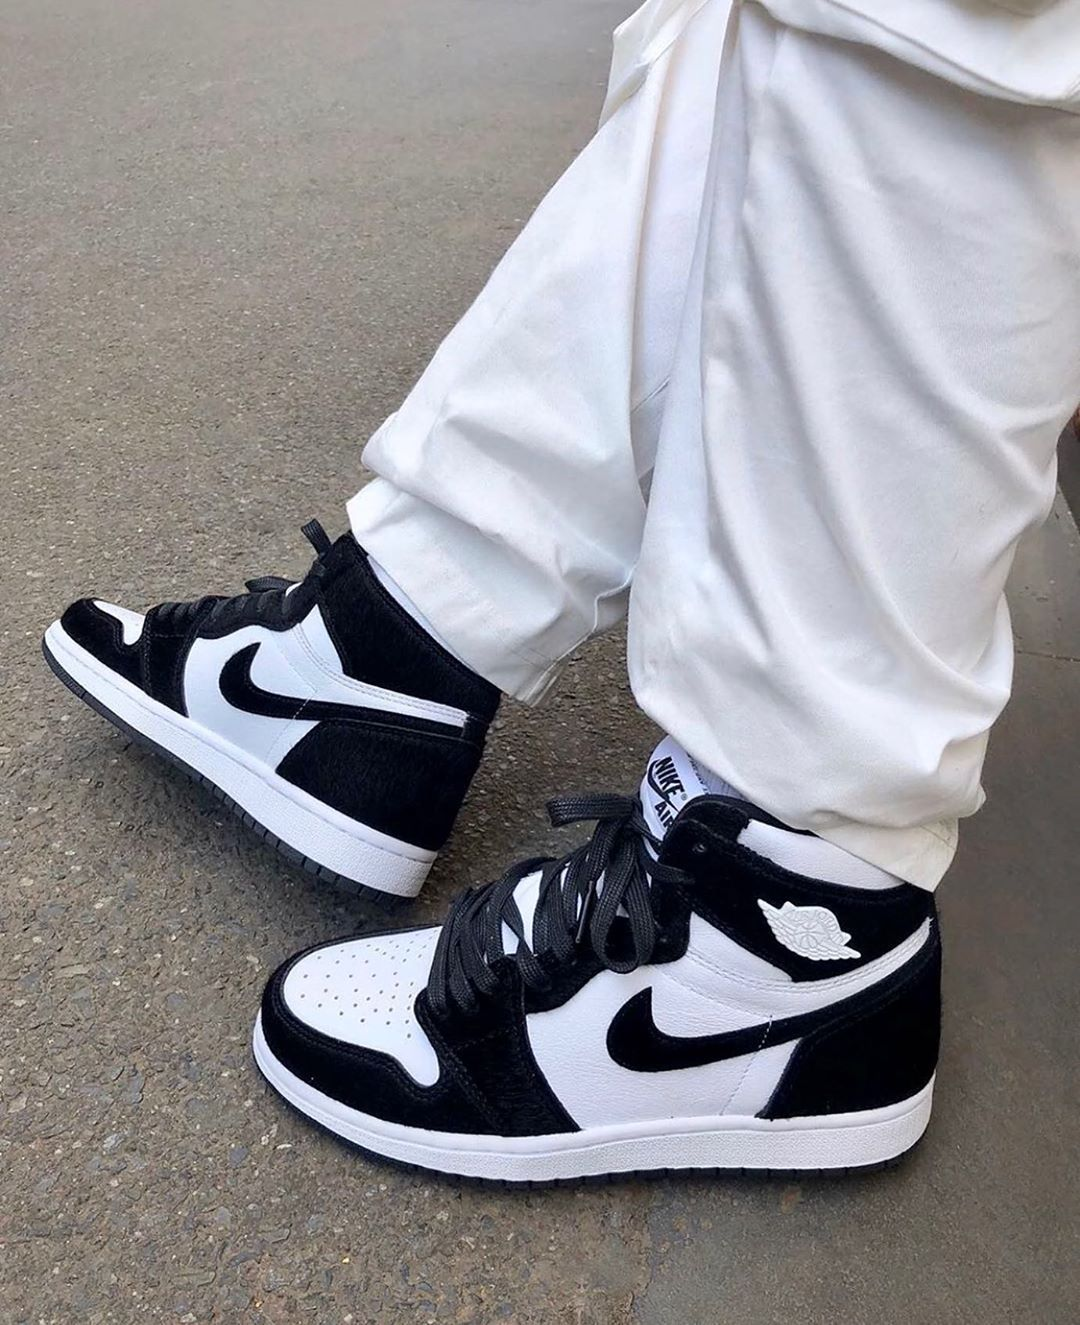 Fresh Shoes Air Jordan 1 Retro Twist,Jordan Sneakers,Mens Shoes ...